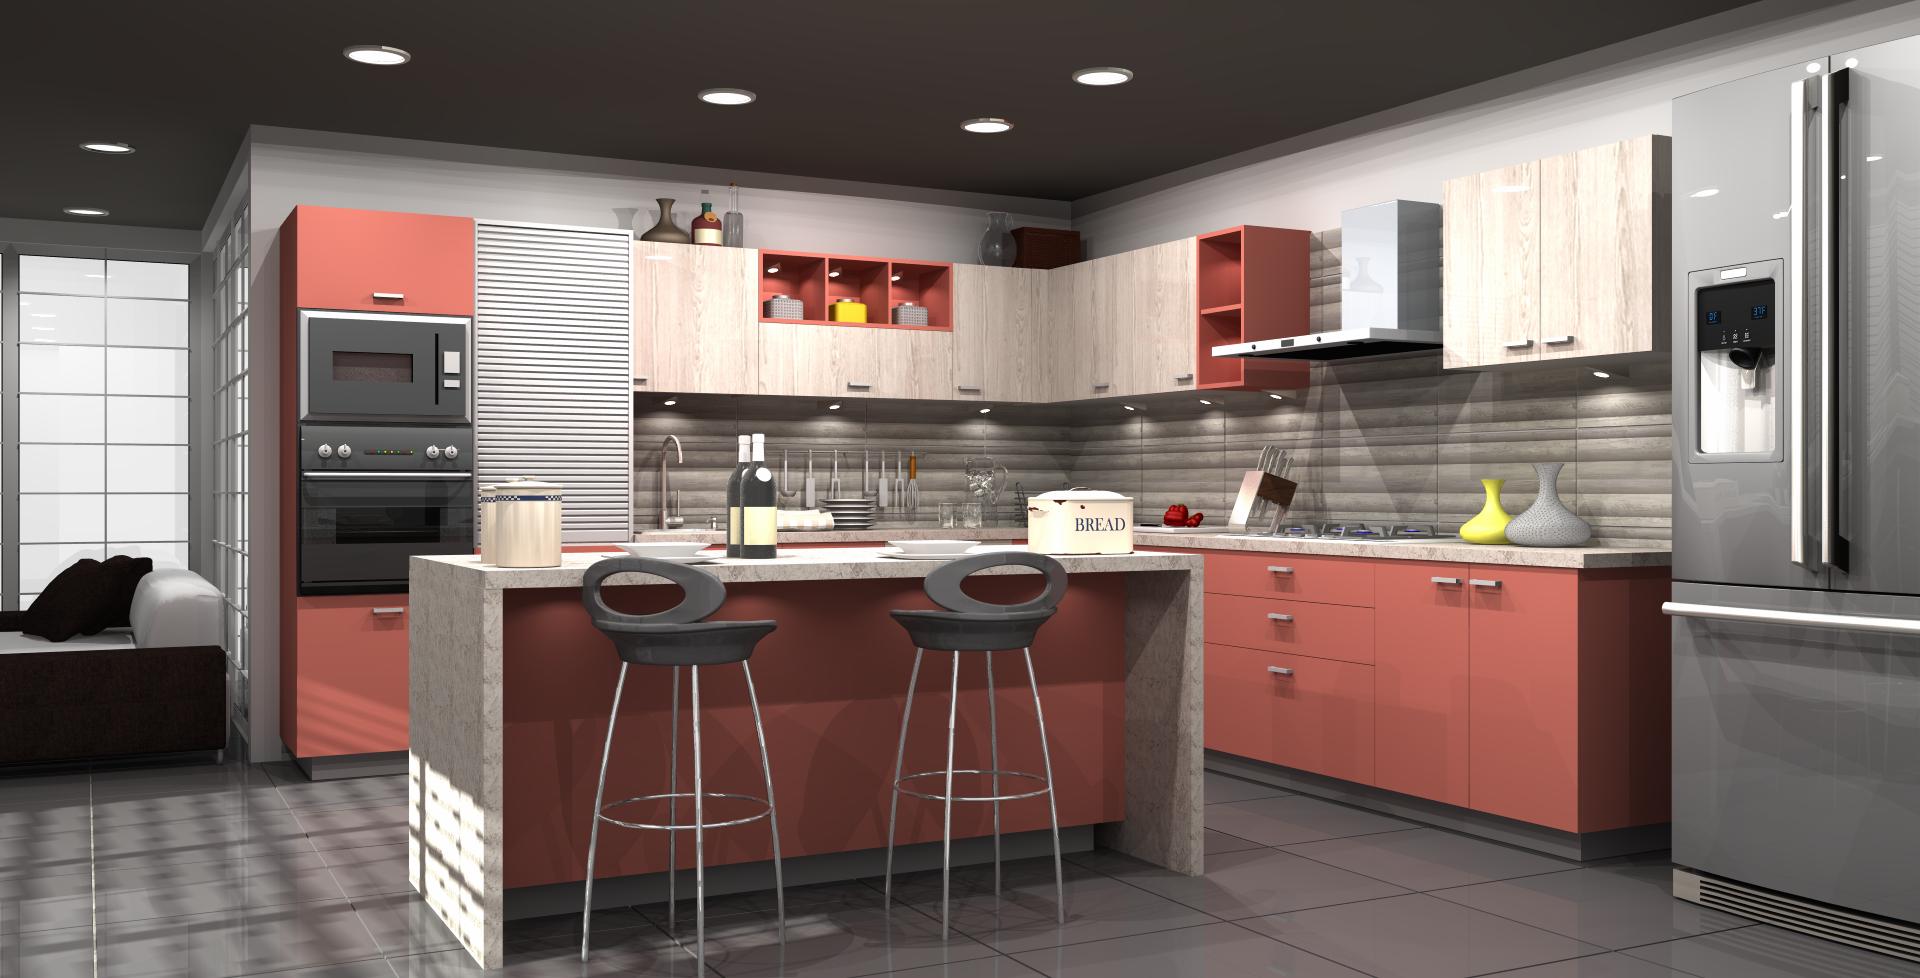 Modular kitchen designs by SLEEK Kitchen Sleek kitchen